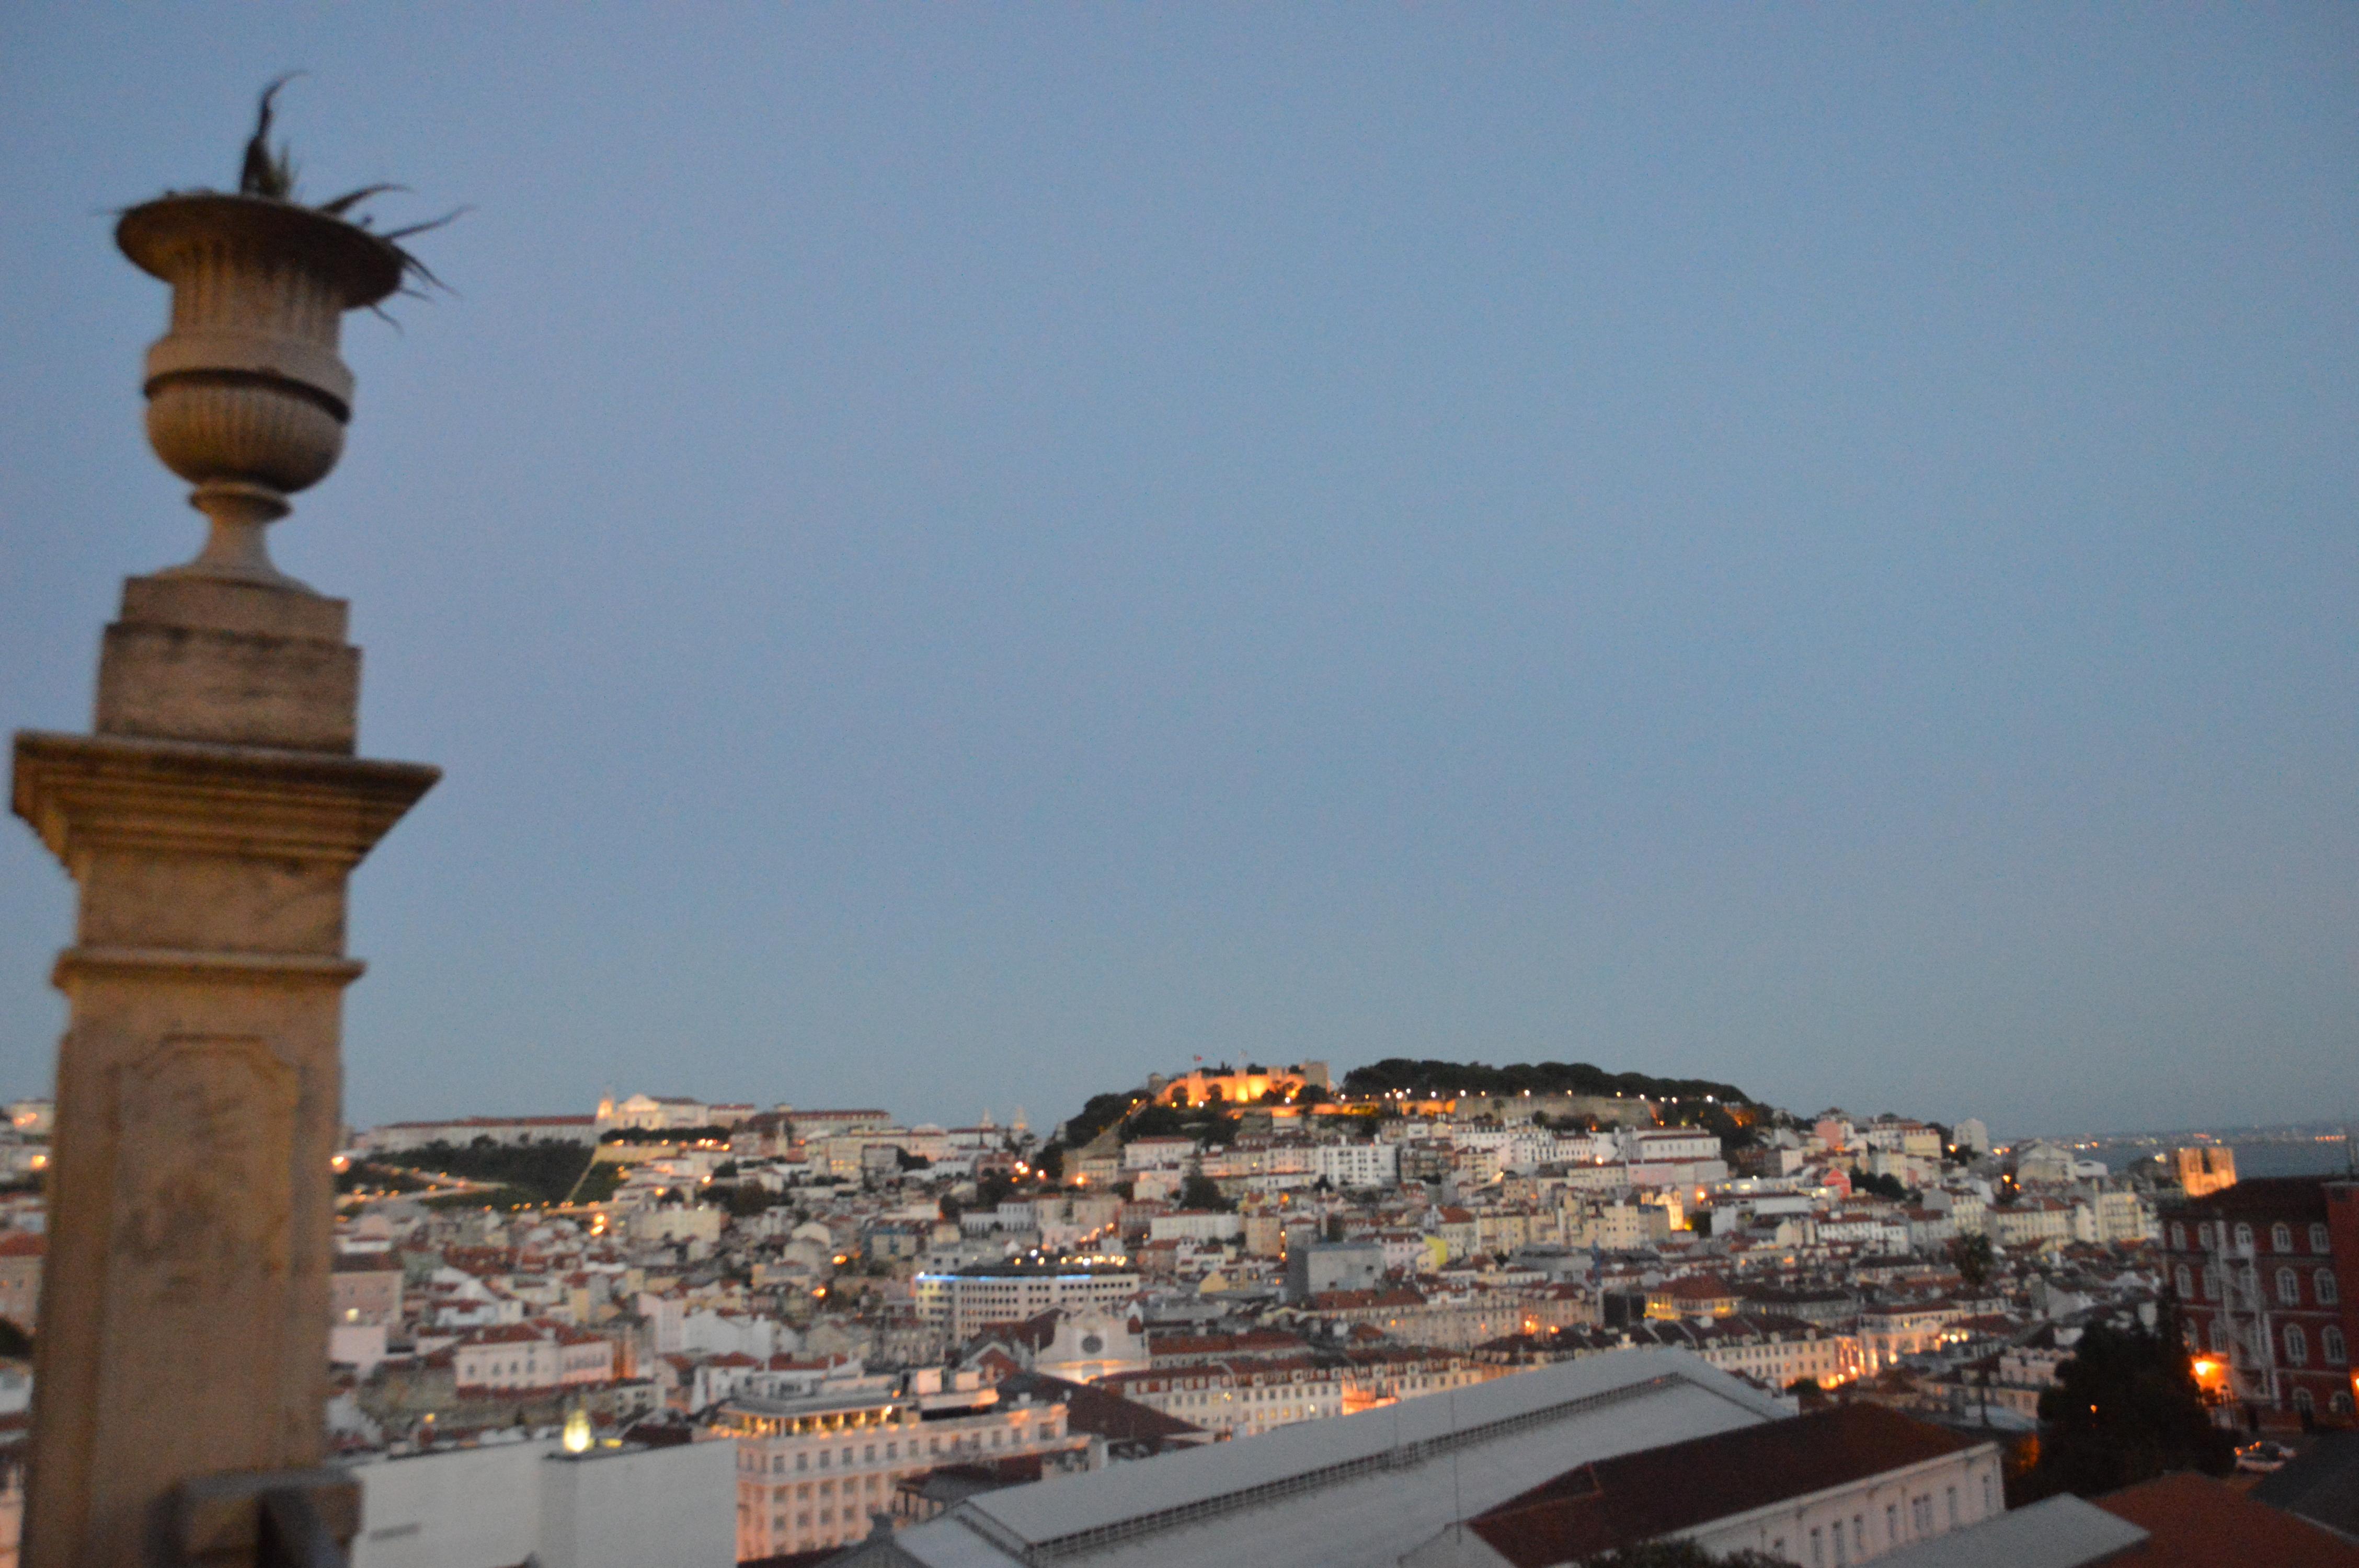 Fado muziek en meer in Bairro Alto, Lissabon